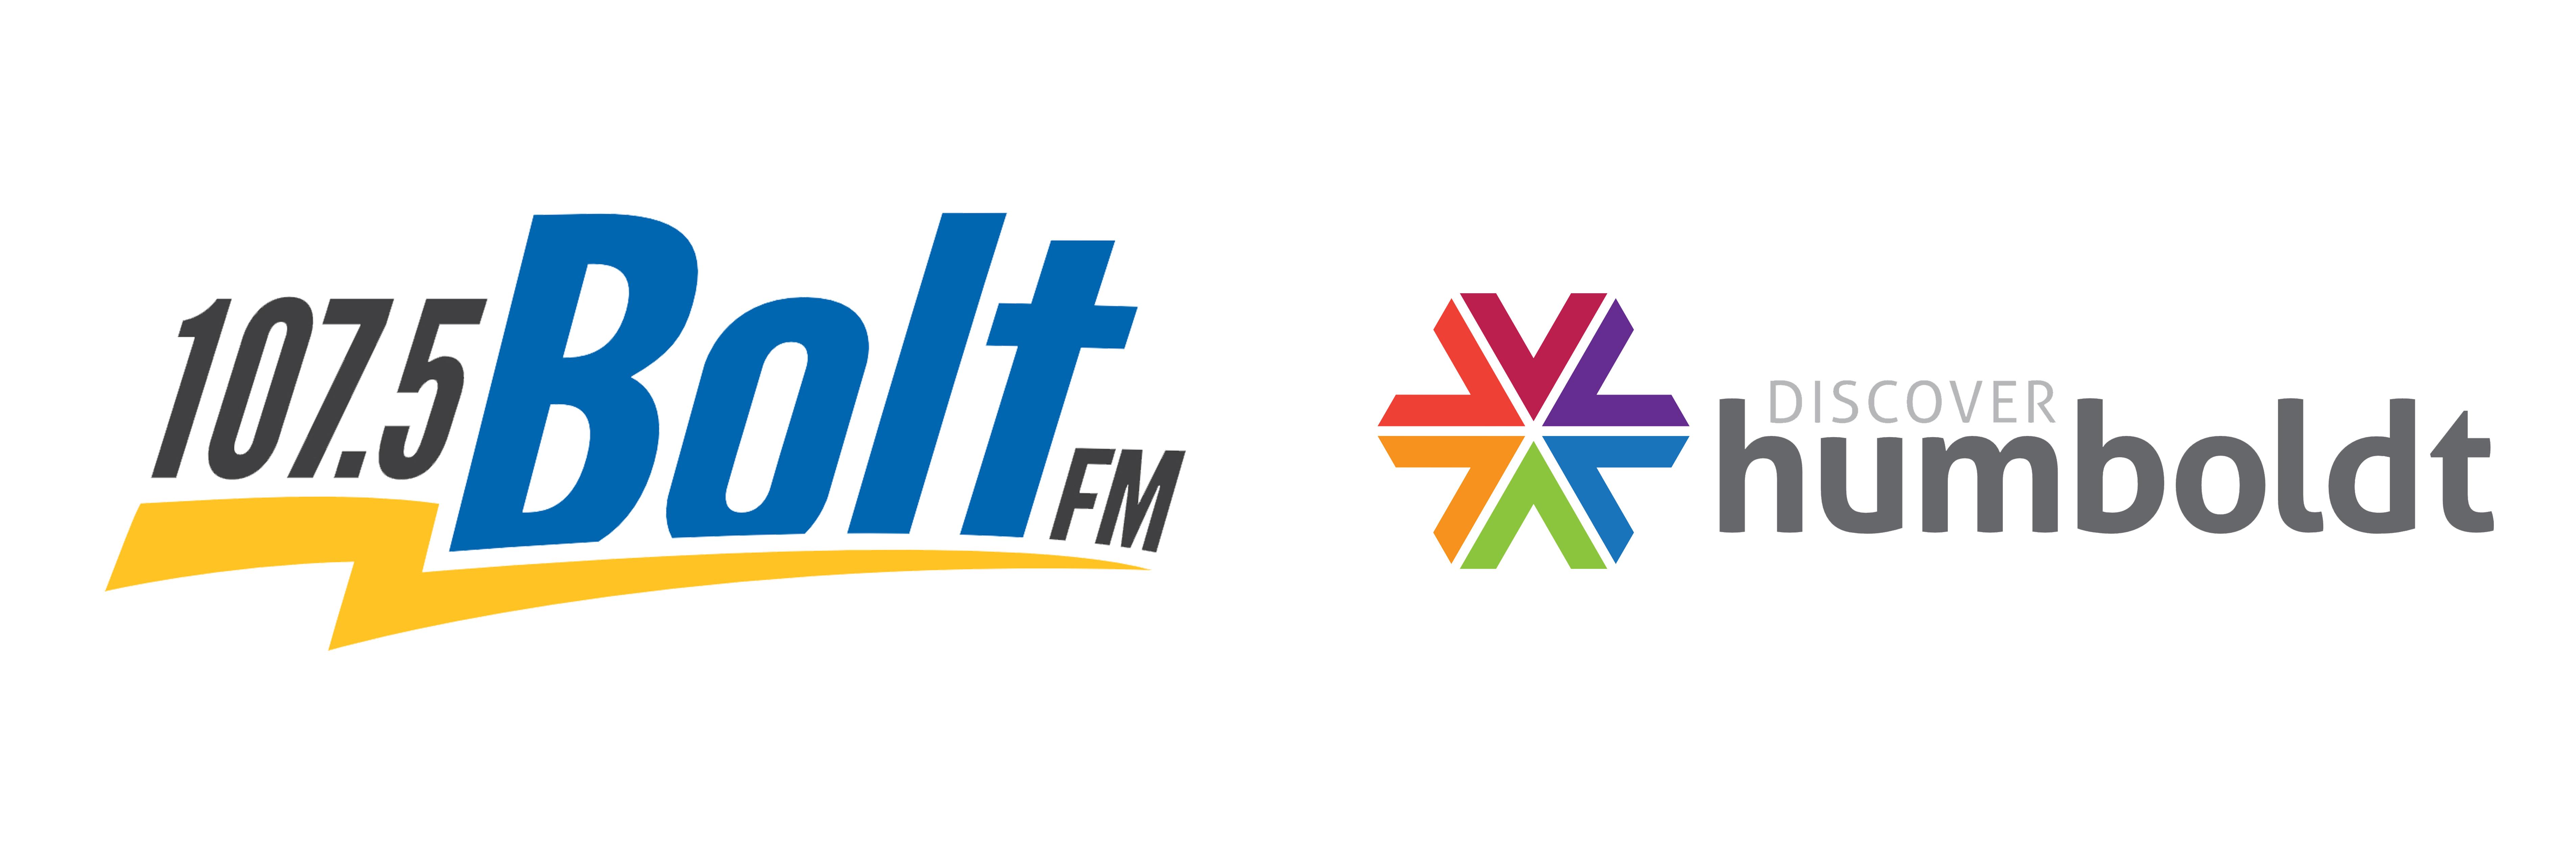 Discover Humboldt Bolt FM